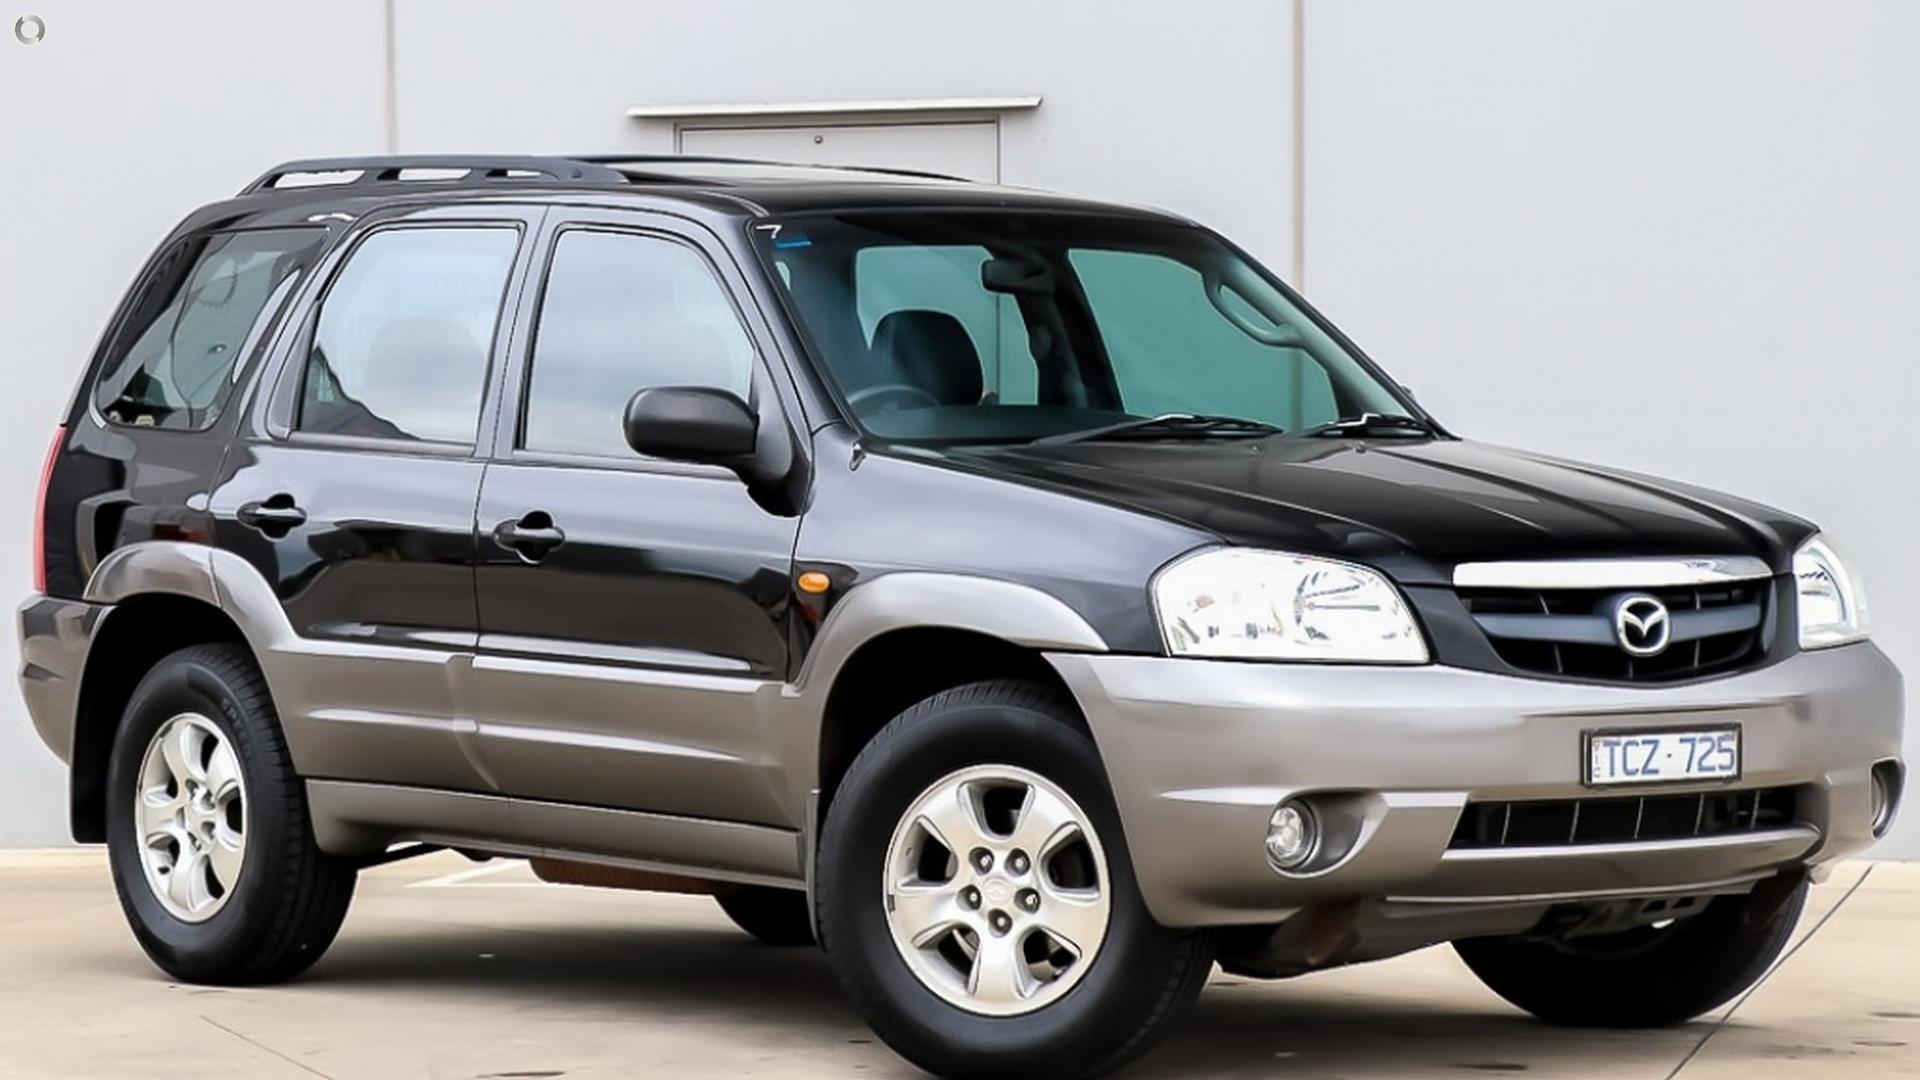 2004 Mazda Tribute Luxury (No Series)